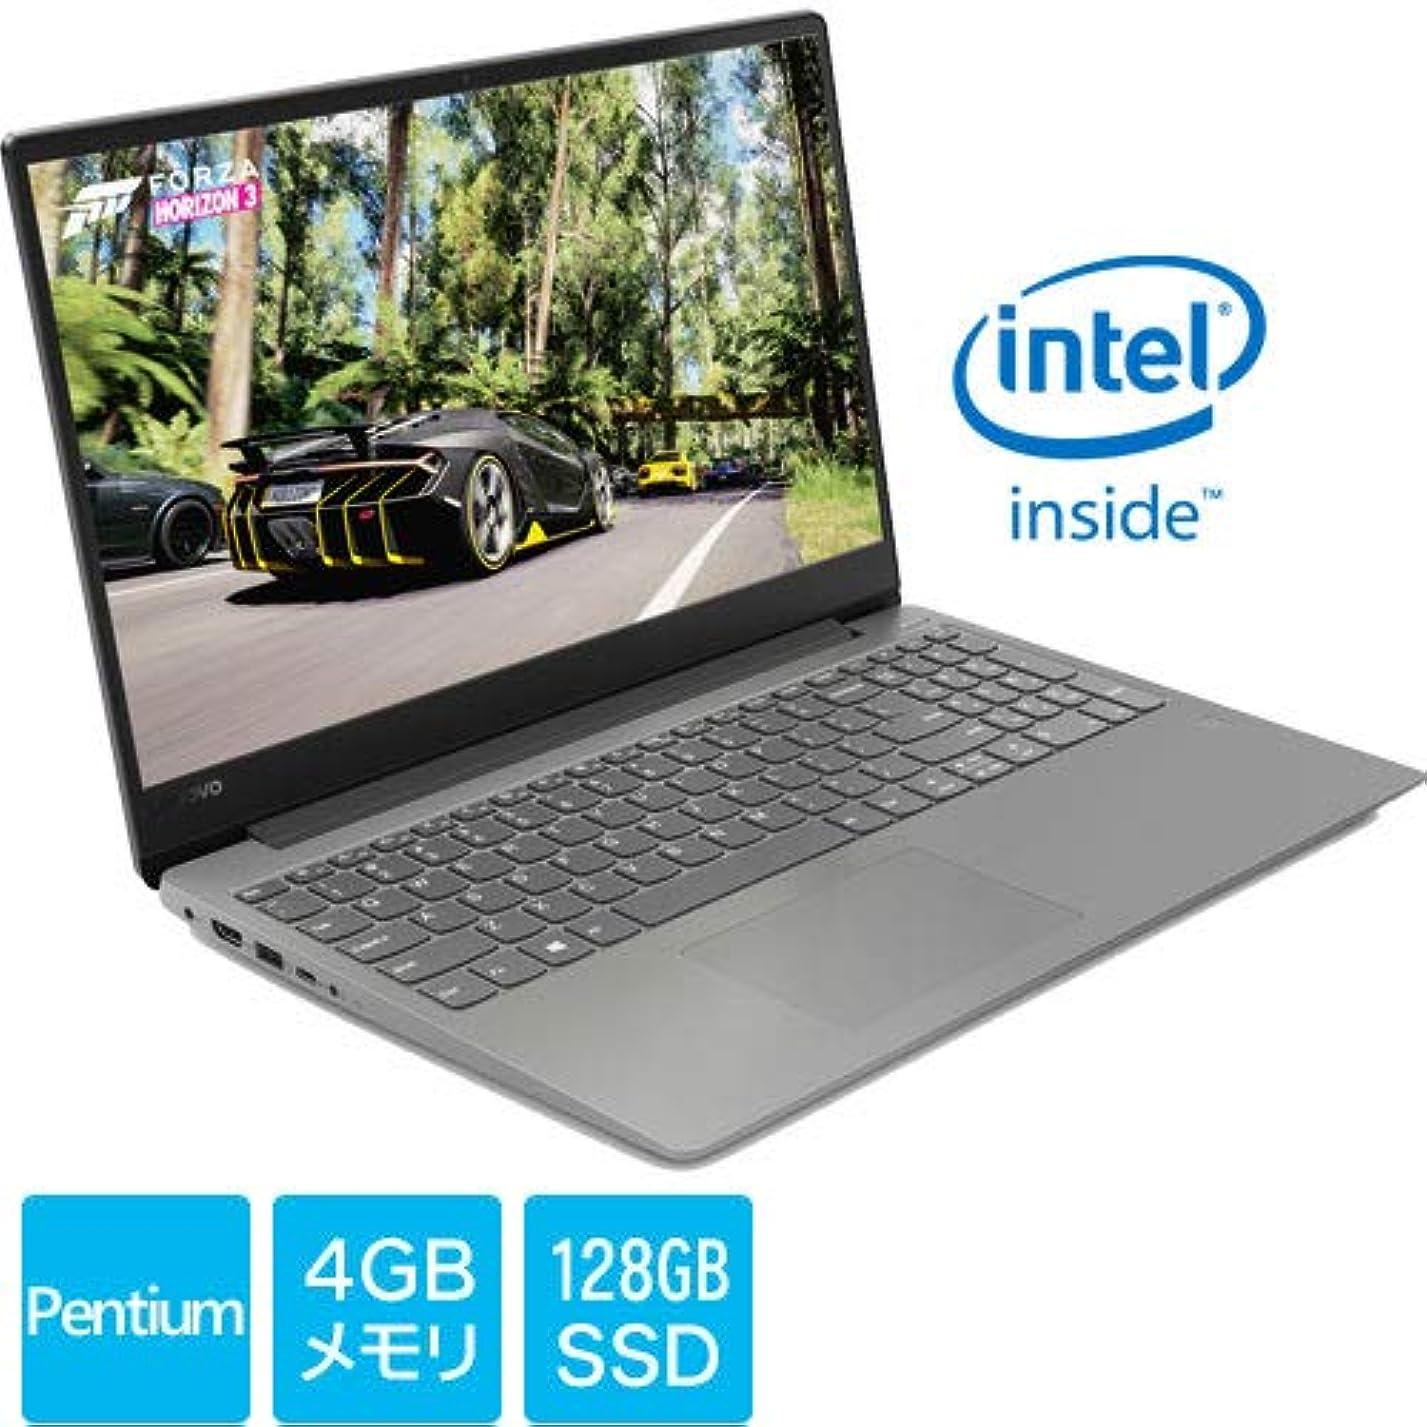 罰する心からするだろうLenovo(レノボ) 15.6型ノートパソコン Lenovo ideapad 330S プラチナグレー[Pentium/メモリ 4GB/SSD 128GB]※web限定品 81F500JWJP